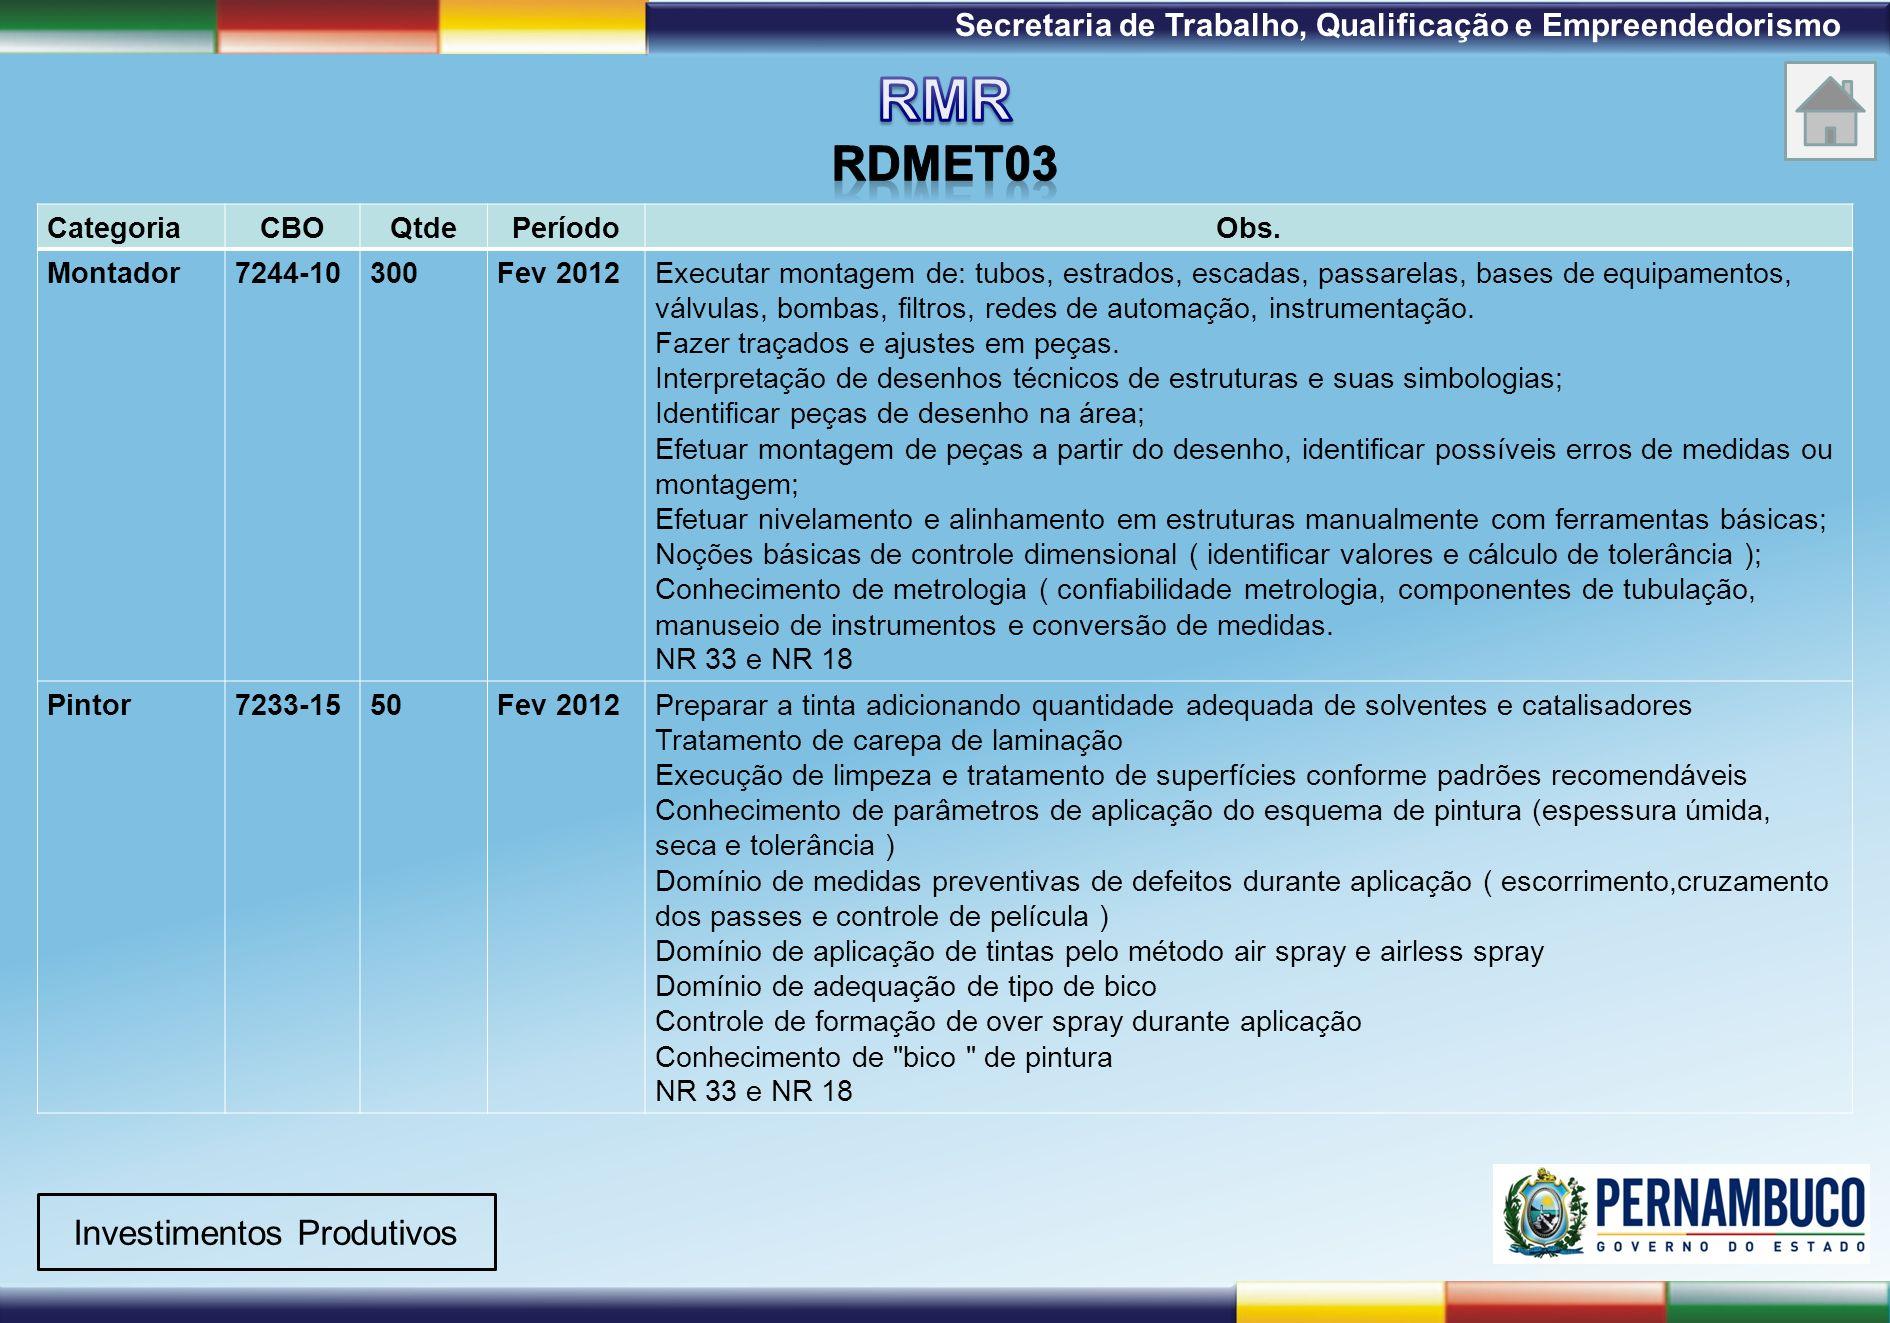 1ª Reunião de Monitoramento 2009 – 31/03/09 Secretaria de Trabalho, Qualificação e Empreendedorismo Investimentos Produtivos CategoriaCBOQtdePeríodoOb